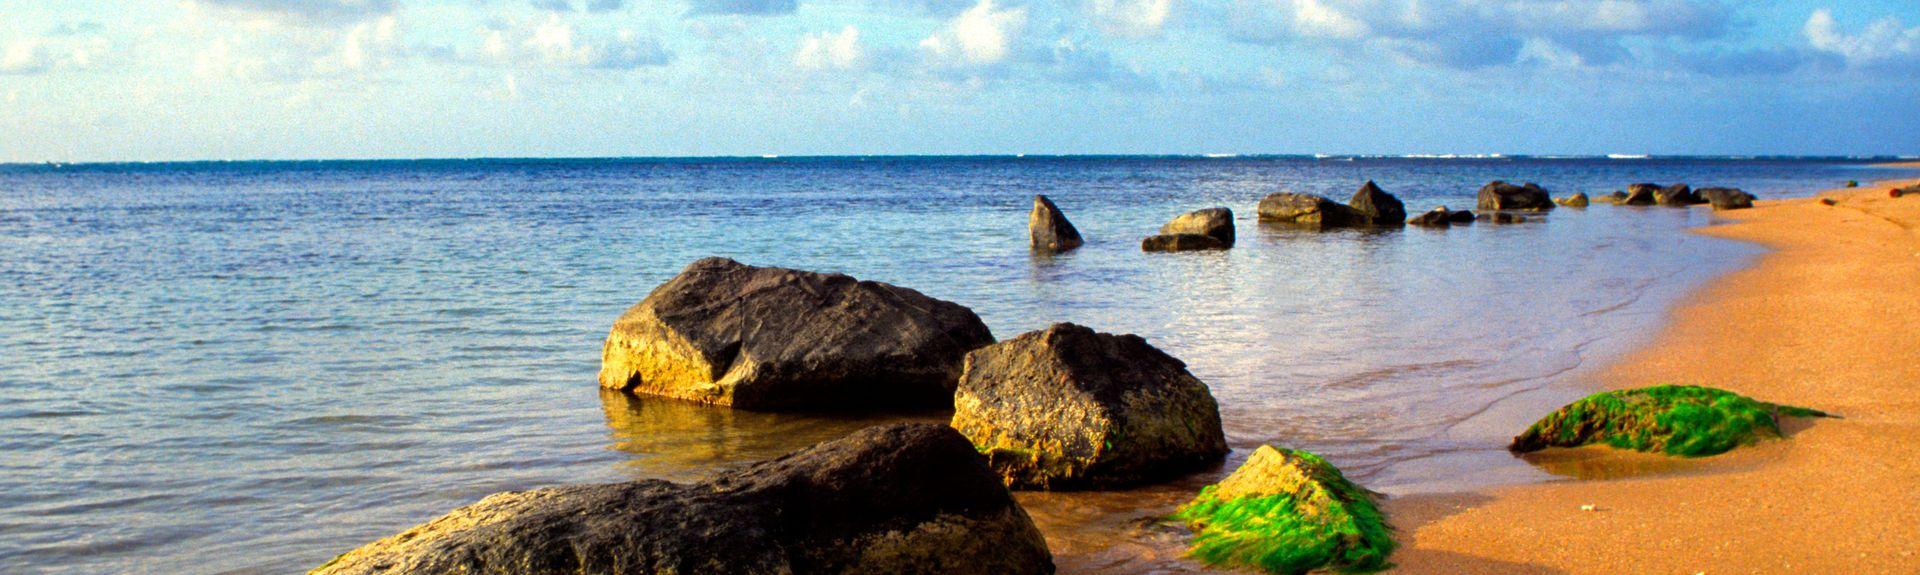 Wyndham Grand Rio Mar Beach Resort & Spa (Rio Grande, Puerto Rico)